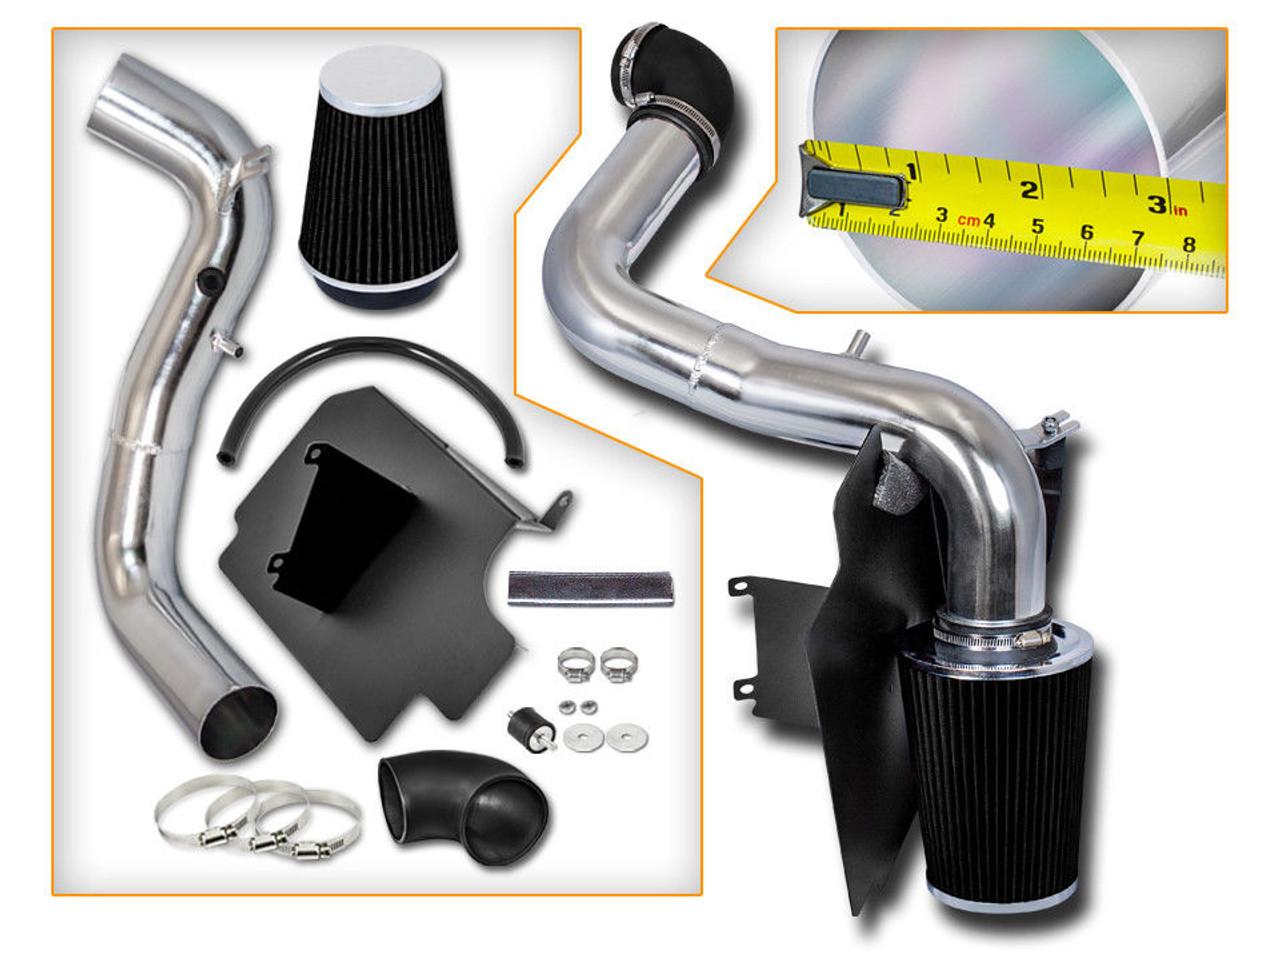 2003 chevy s10 2 2 liter engine [ 1280 x 960 Pixel ]